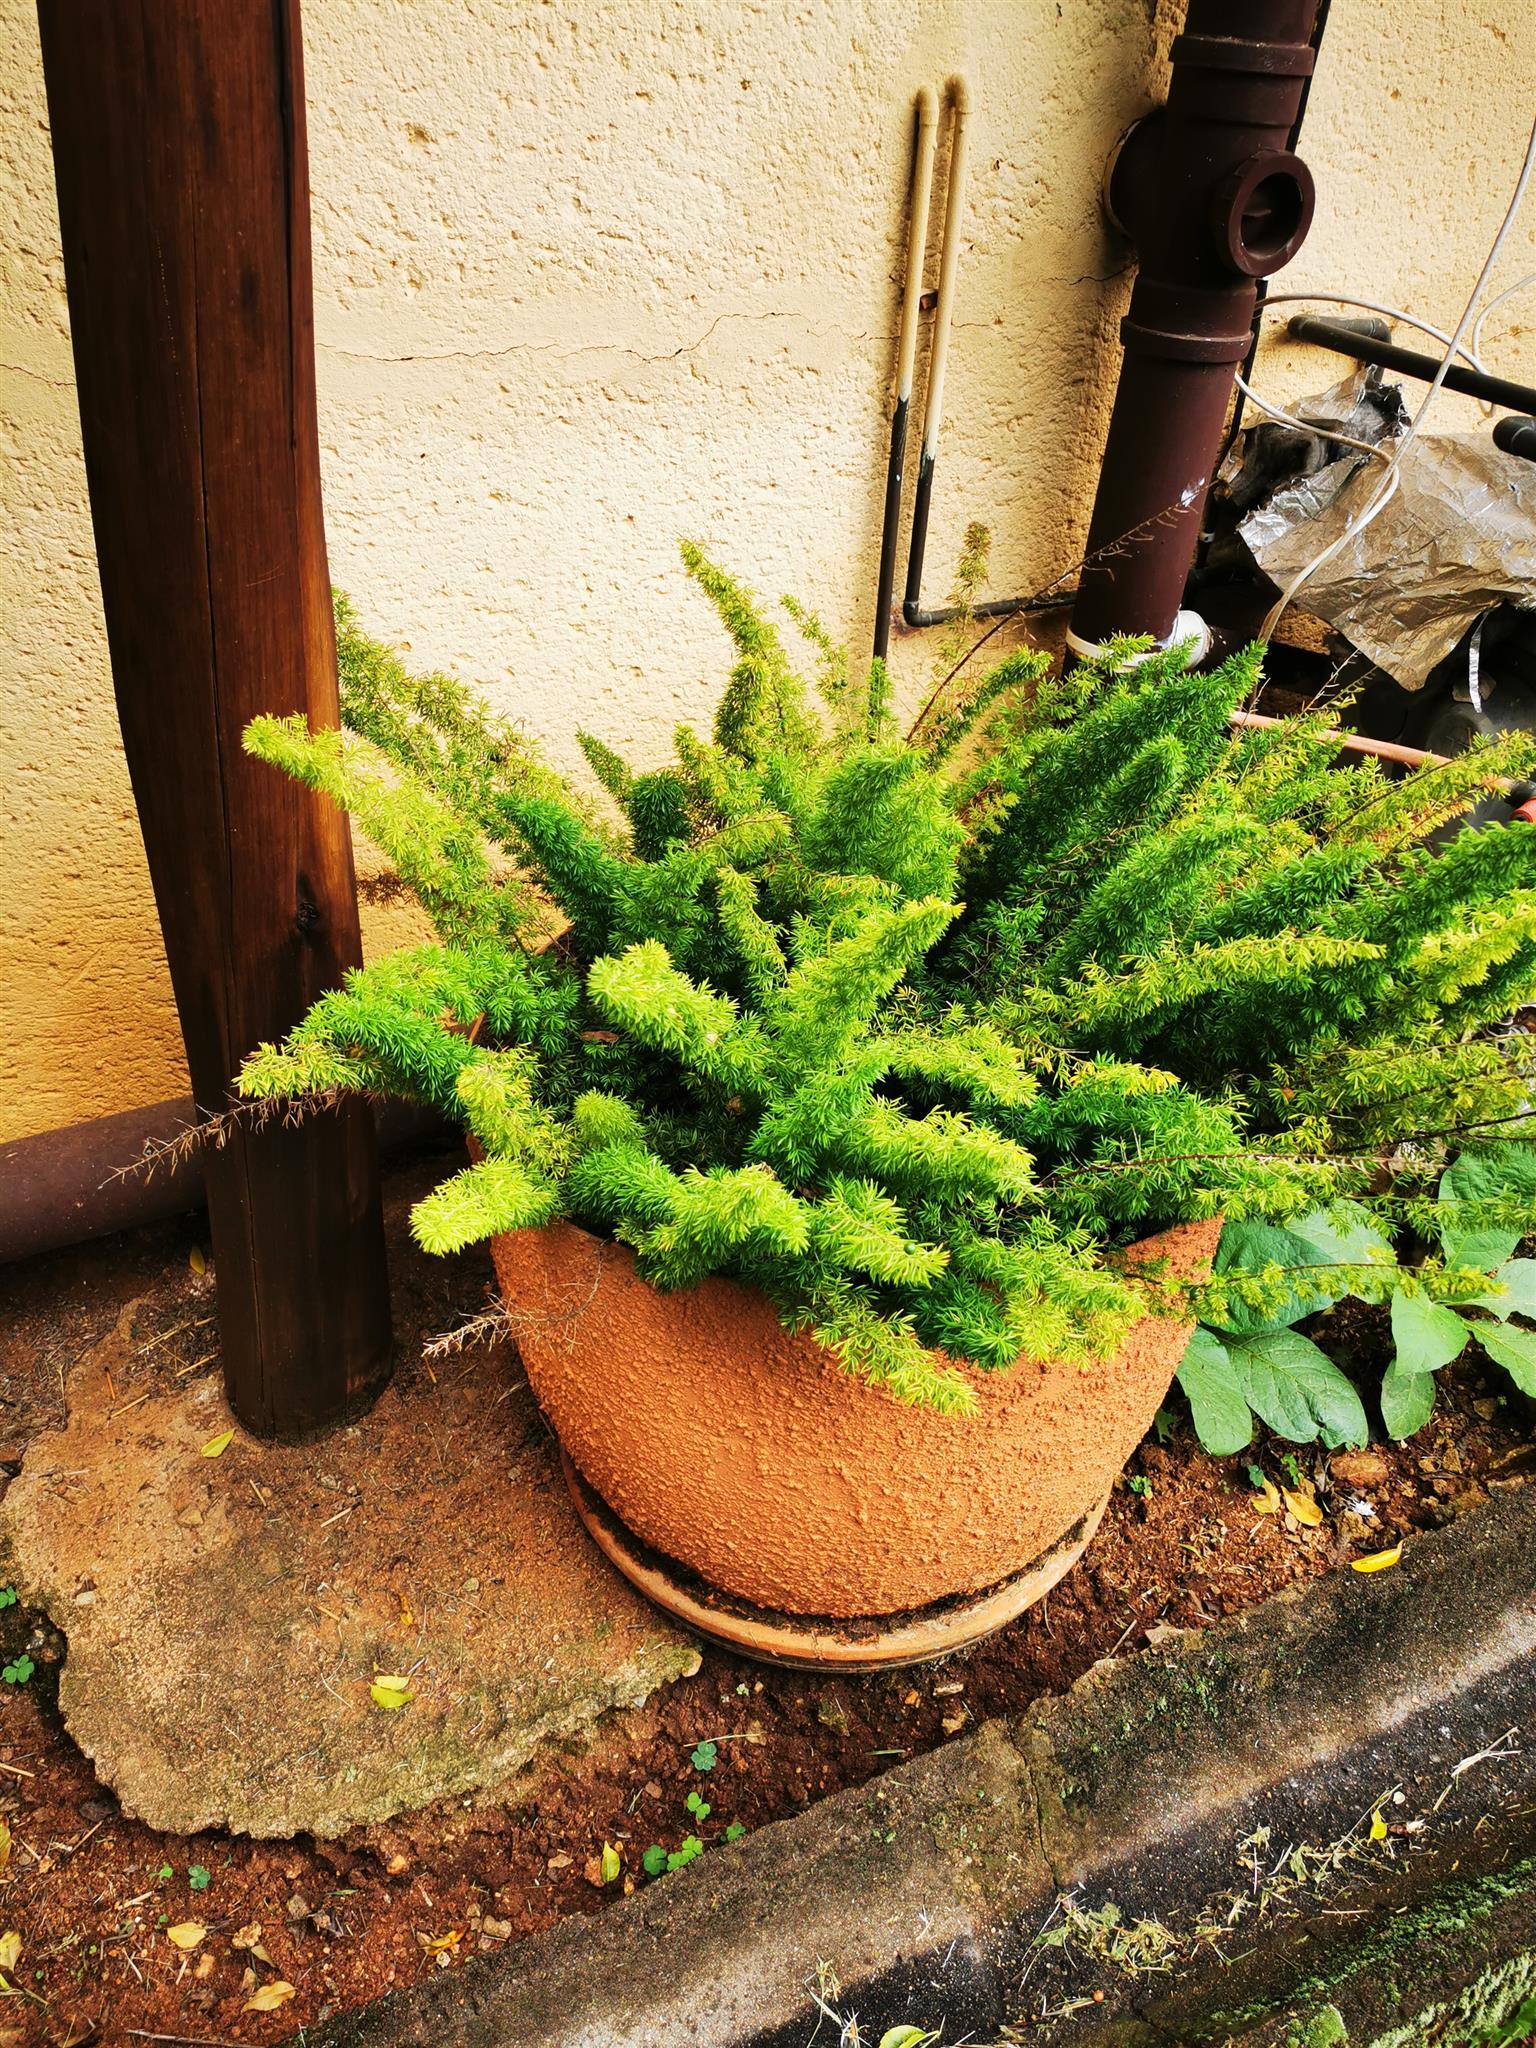 Plants, trees, shrubs, pot plants for sale